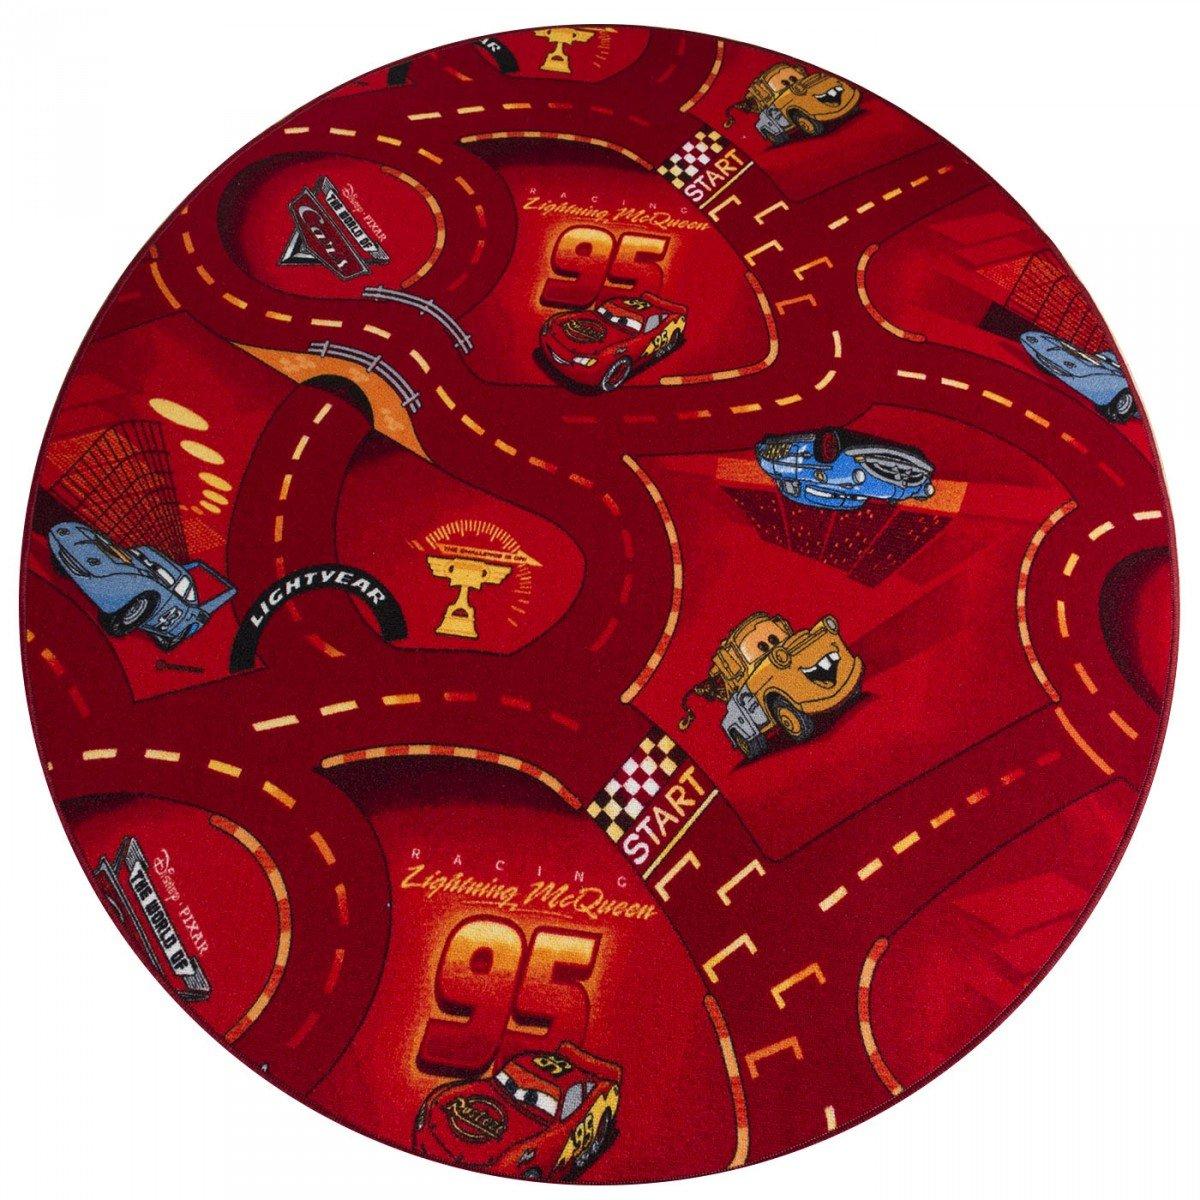 havatex Kinderteppich Cars rund - Farben: Rot, Blau, Grau | Spielteppich schadstoffgeprüft pflegeleicht strapazierfähig | Kinderzimmer Spielzimmer Autos, Farbe:Rot, Größe:133 cm rund